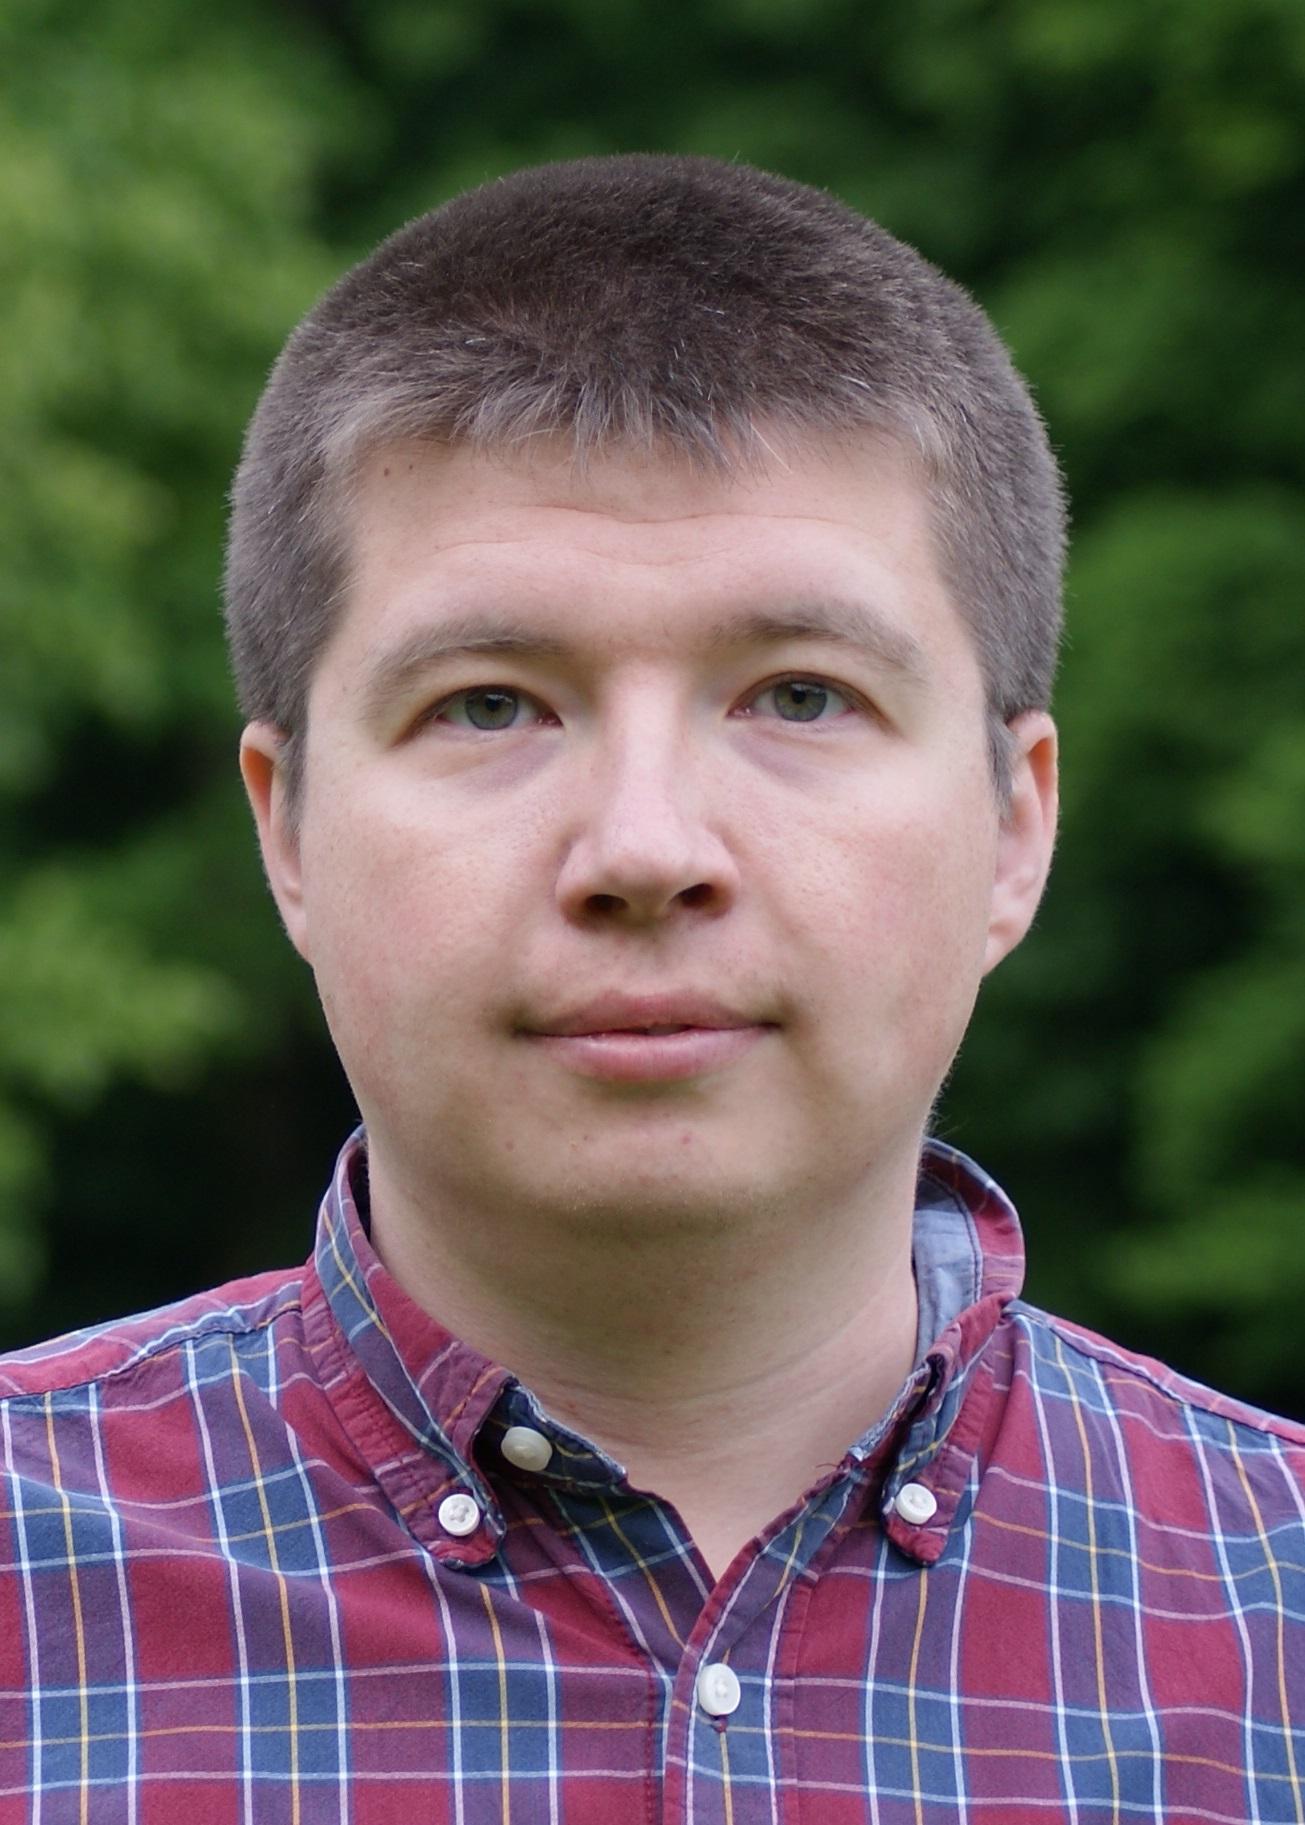 viktorgrishaev